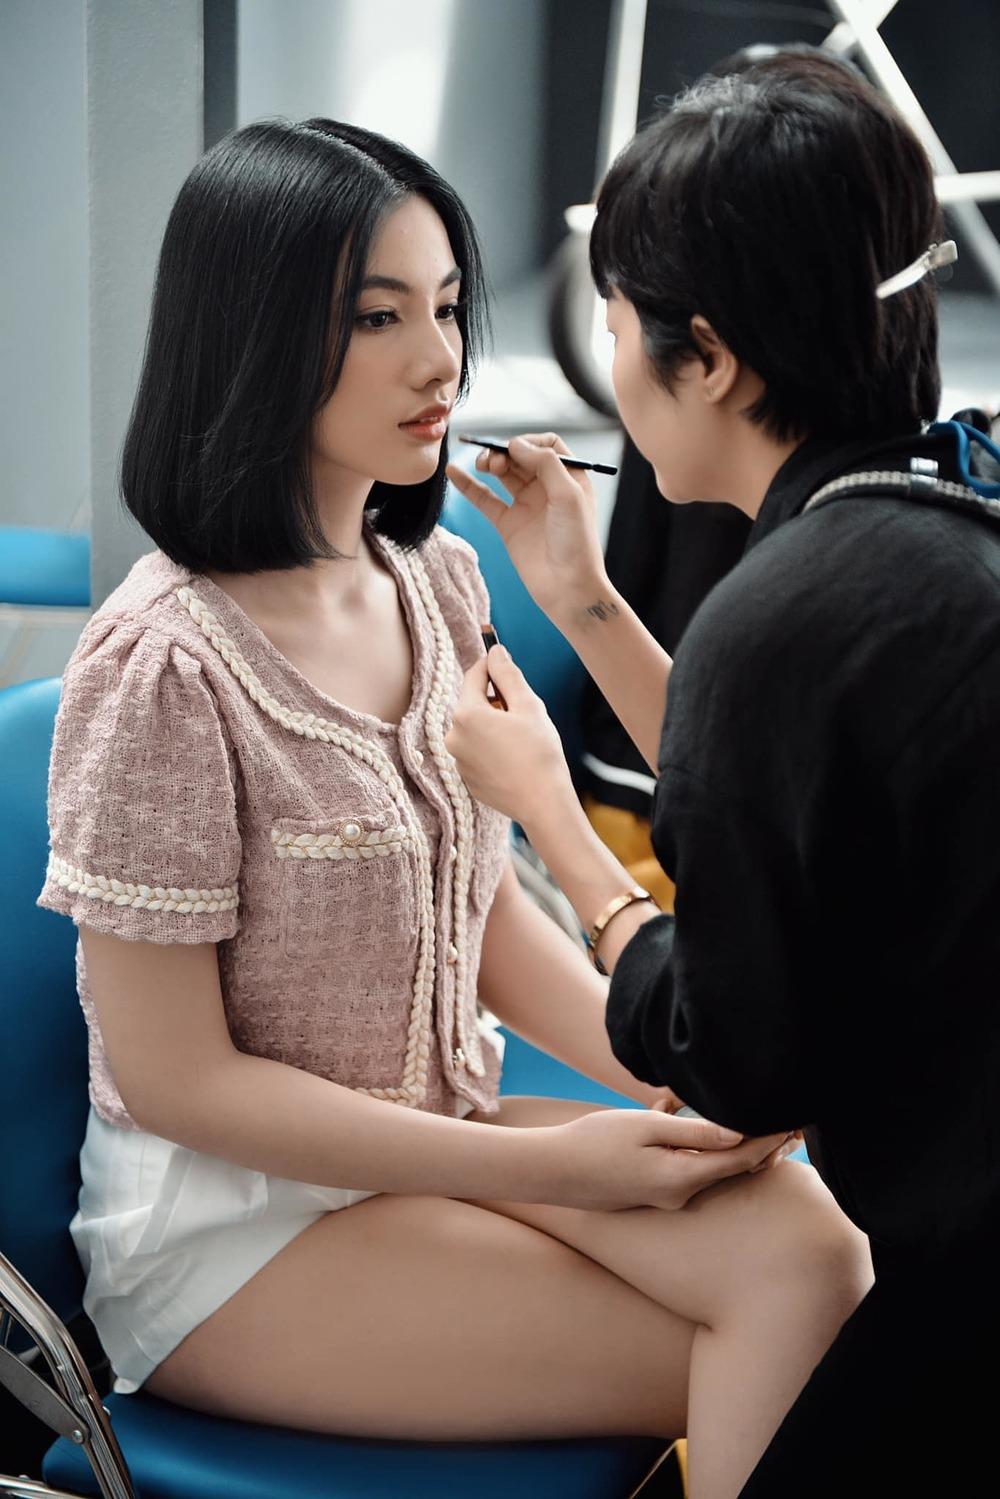 Sao Việt 20/8: Ngọc Trinh 'mặt tròn như đĩa'; Tình tin đồn của chồng cũ Lệ Quyên bị nghi ngờ về giới tính 3